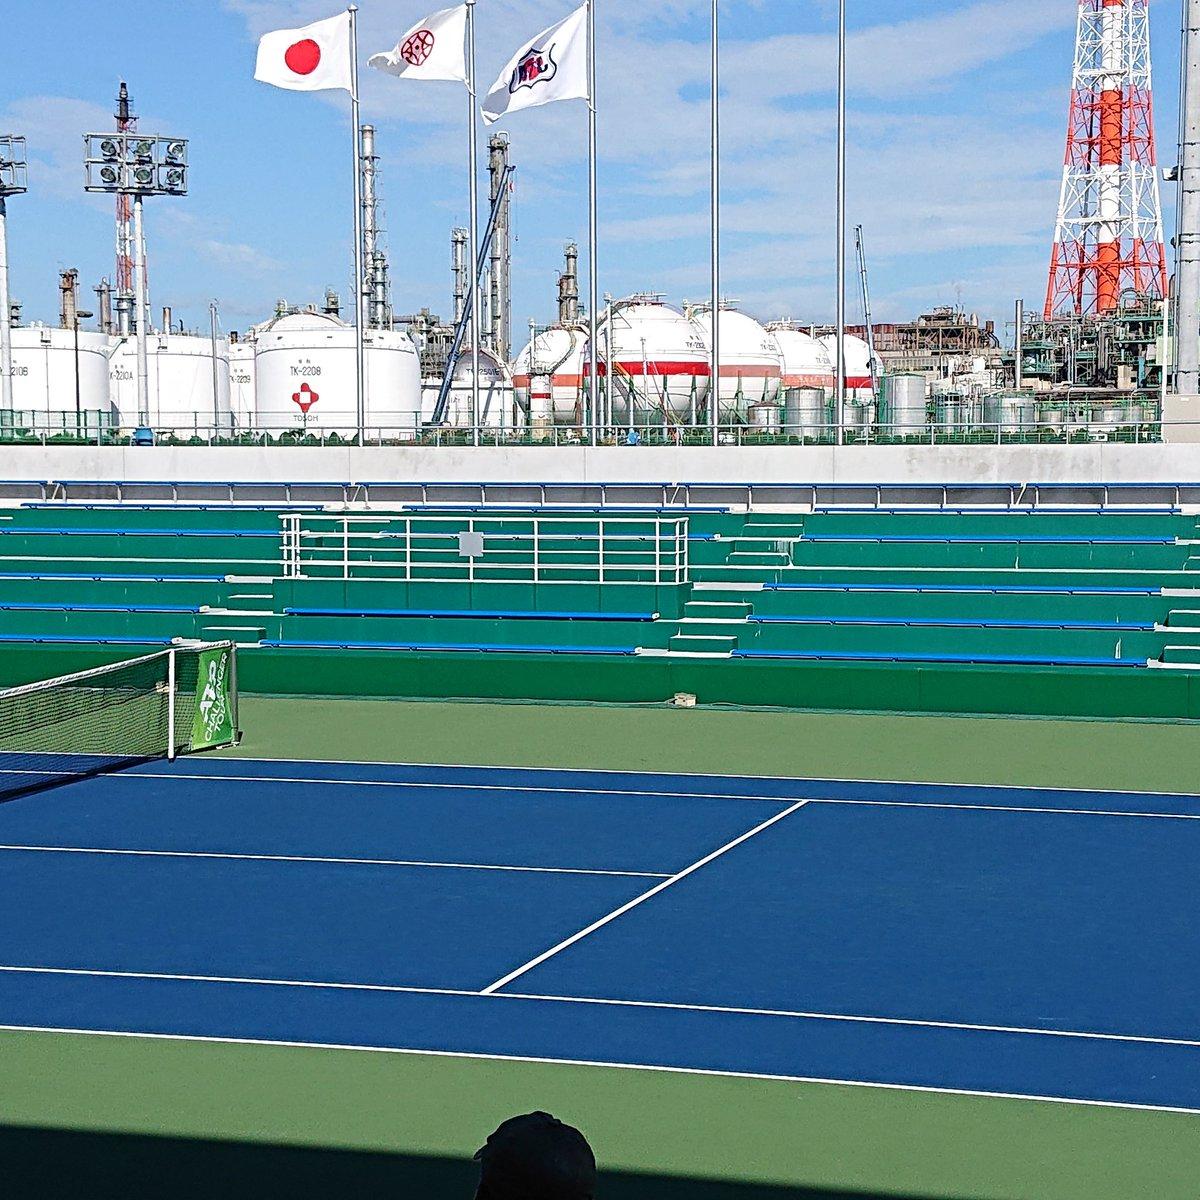 四日市テニスセンター